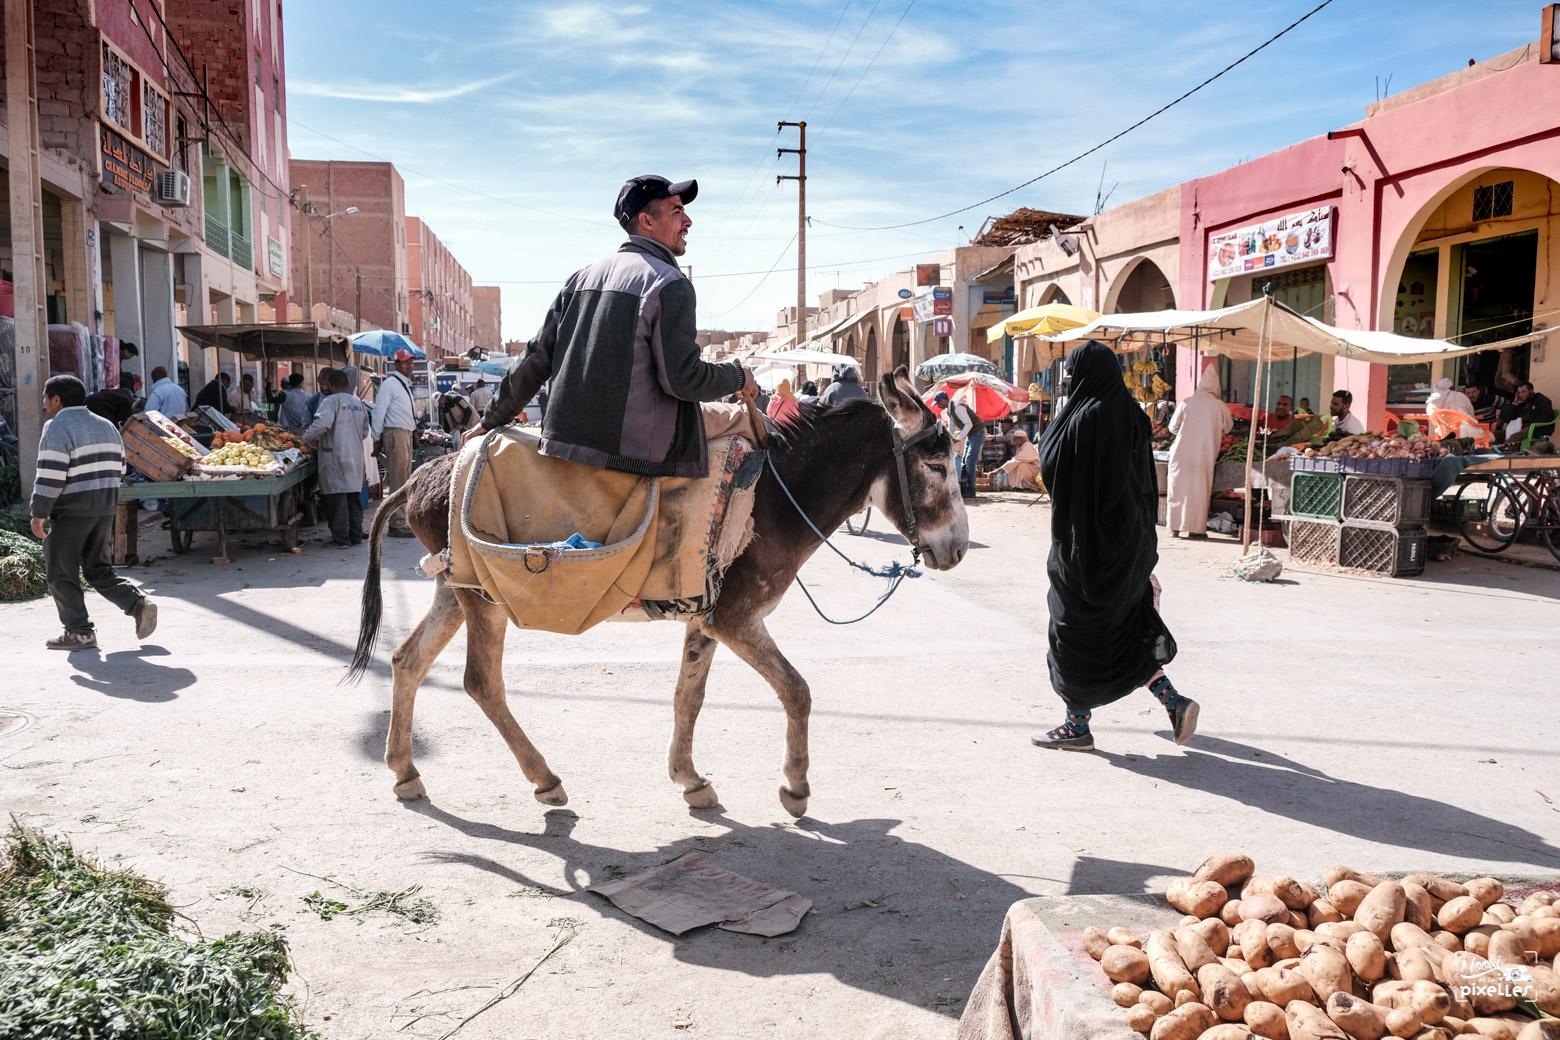 Un homme sur le dos d'un âne dans une rue du souk